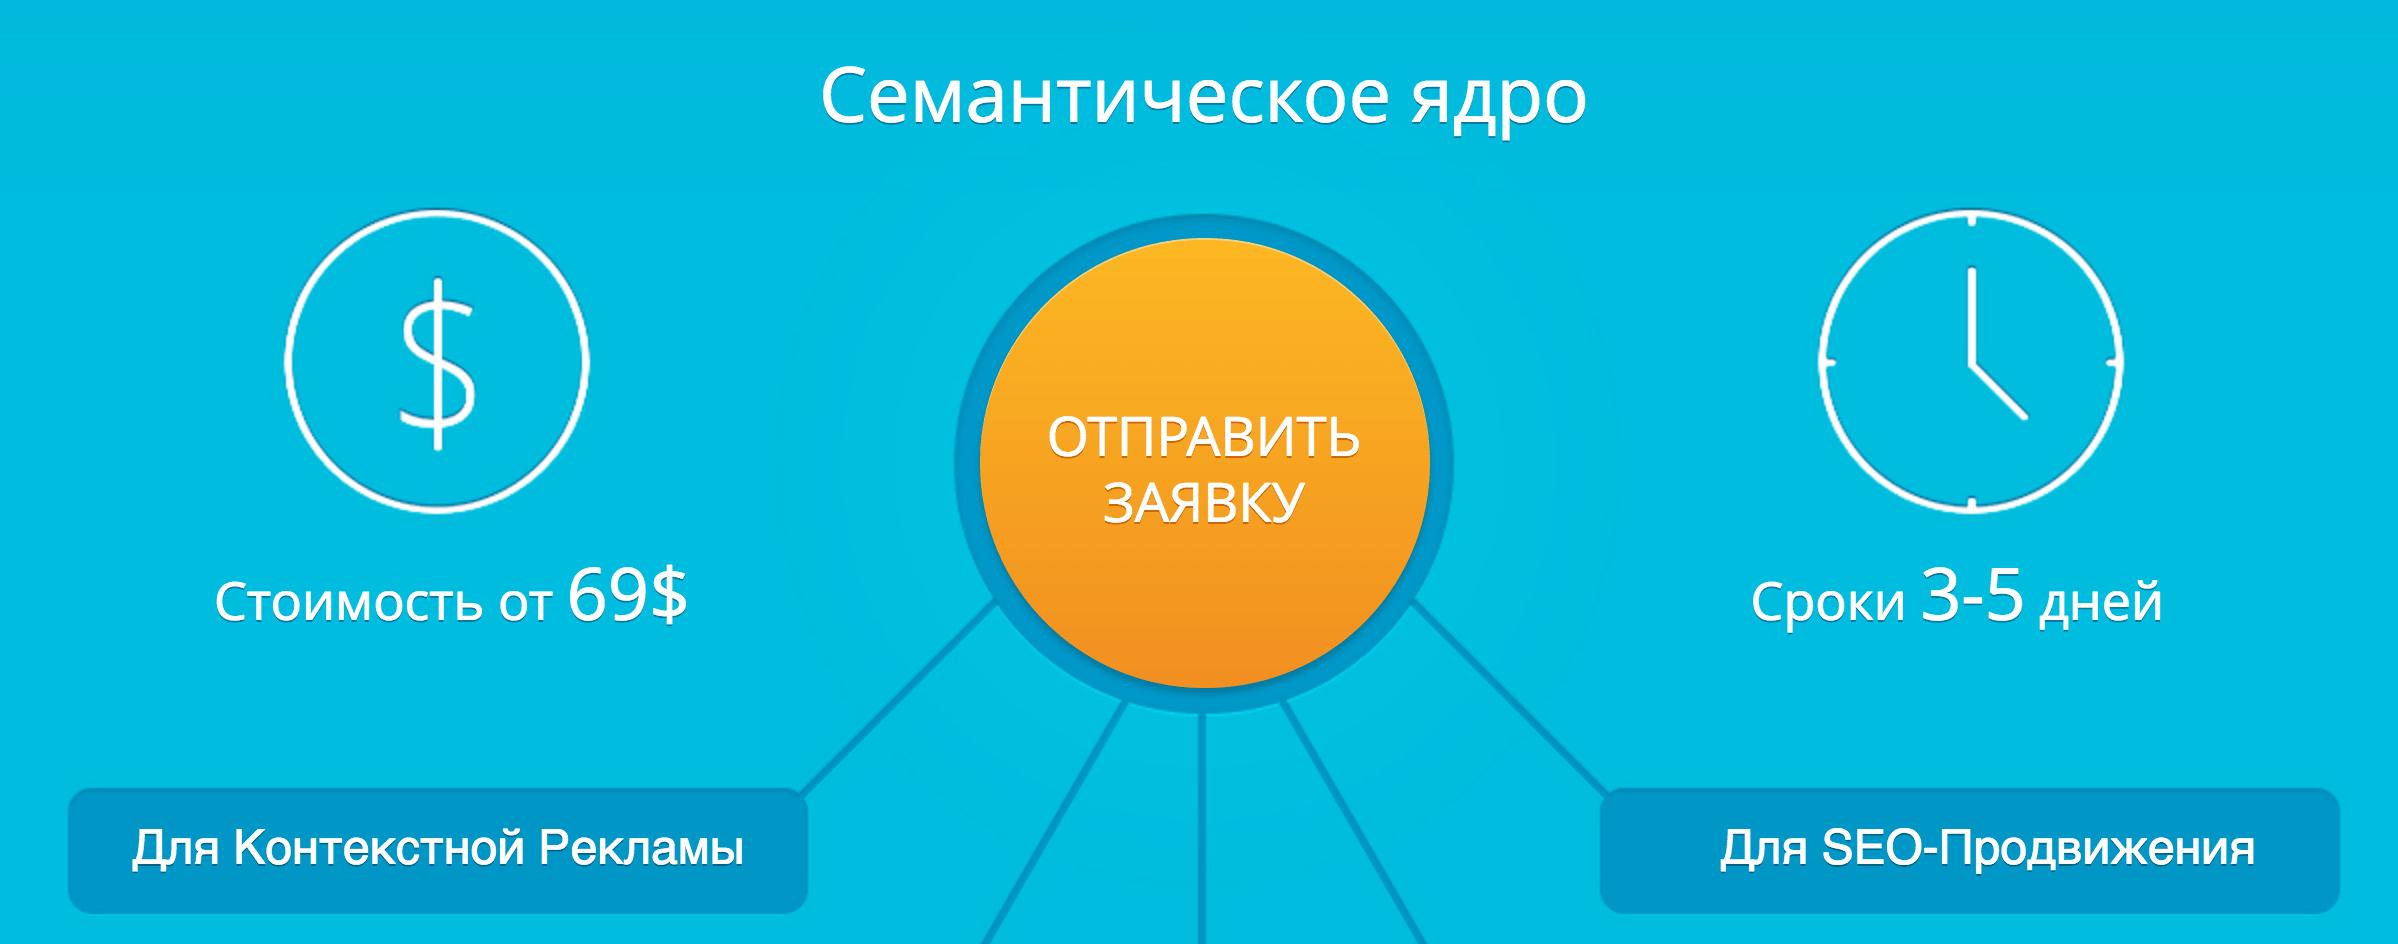 snimok-ekrana-2016-11-30-v-16-13-08-min